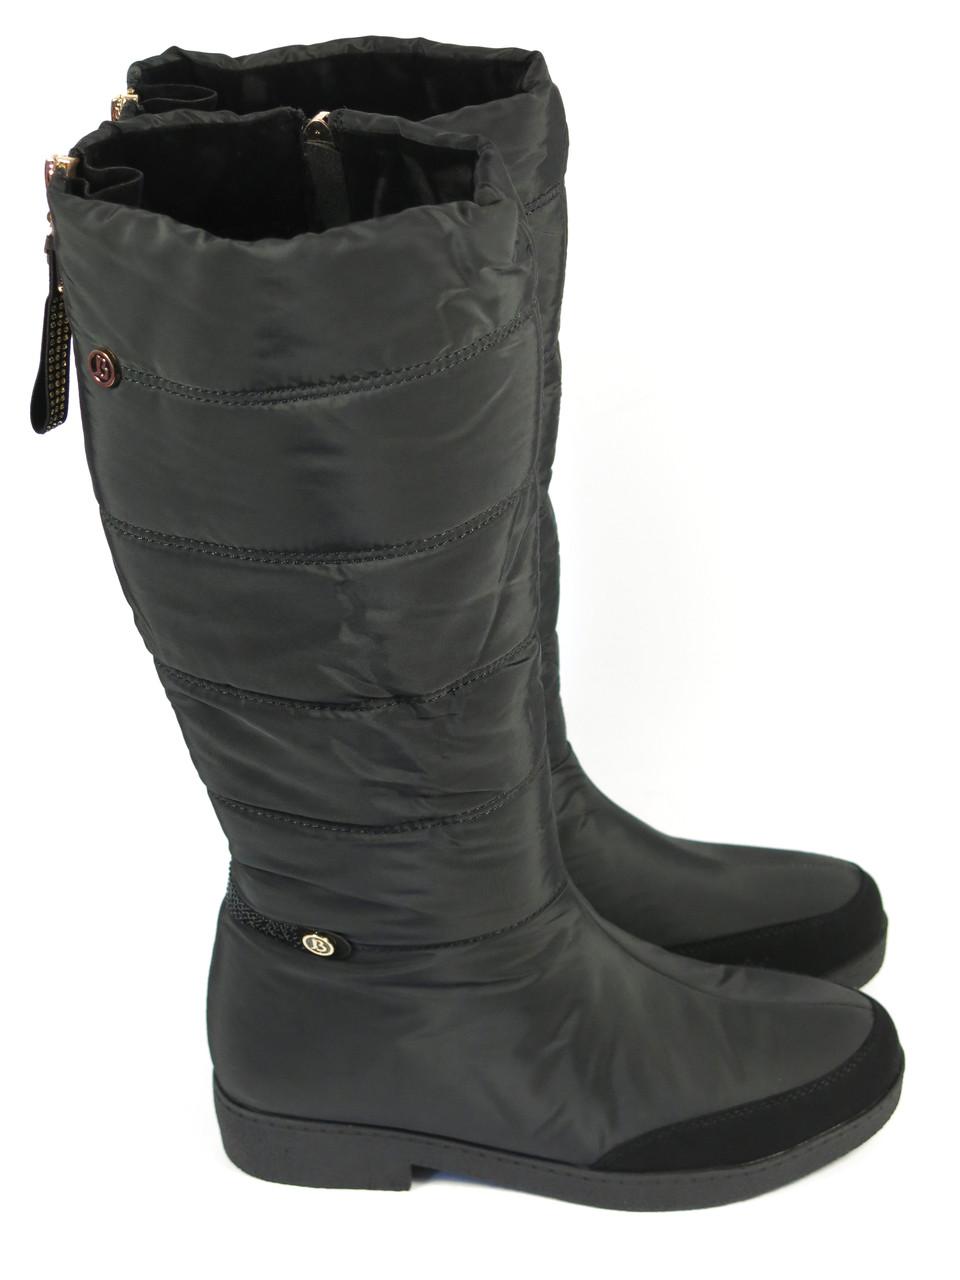 Высокие сапоги дутики на низком каблуке Prima D'arte 123080 36